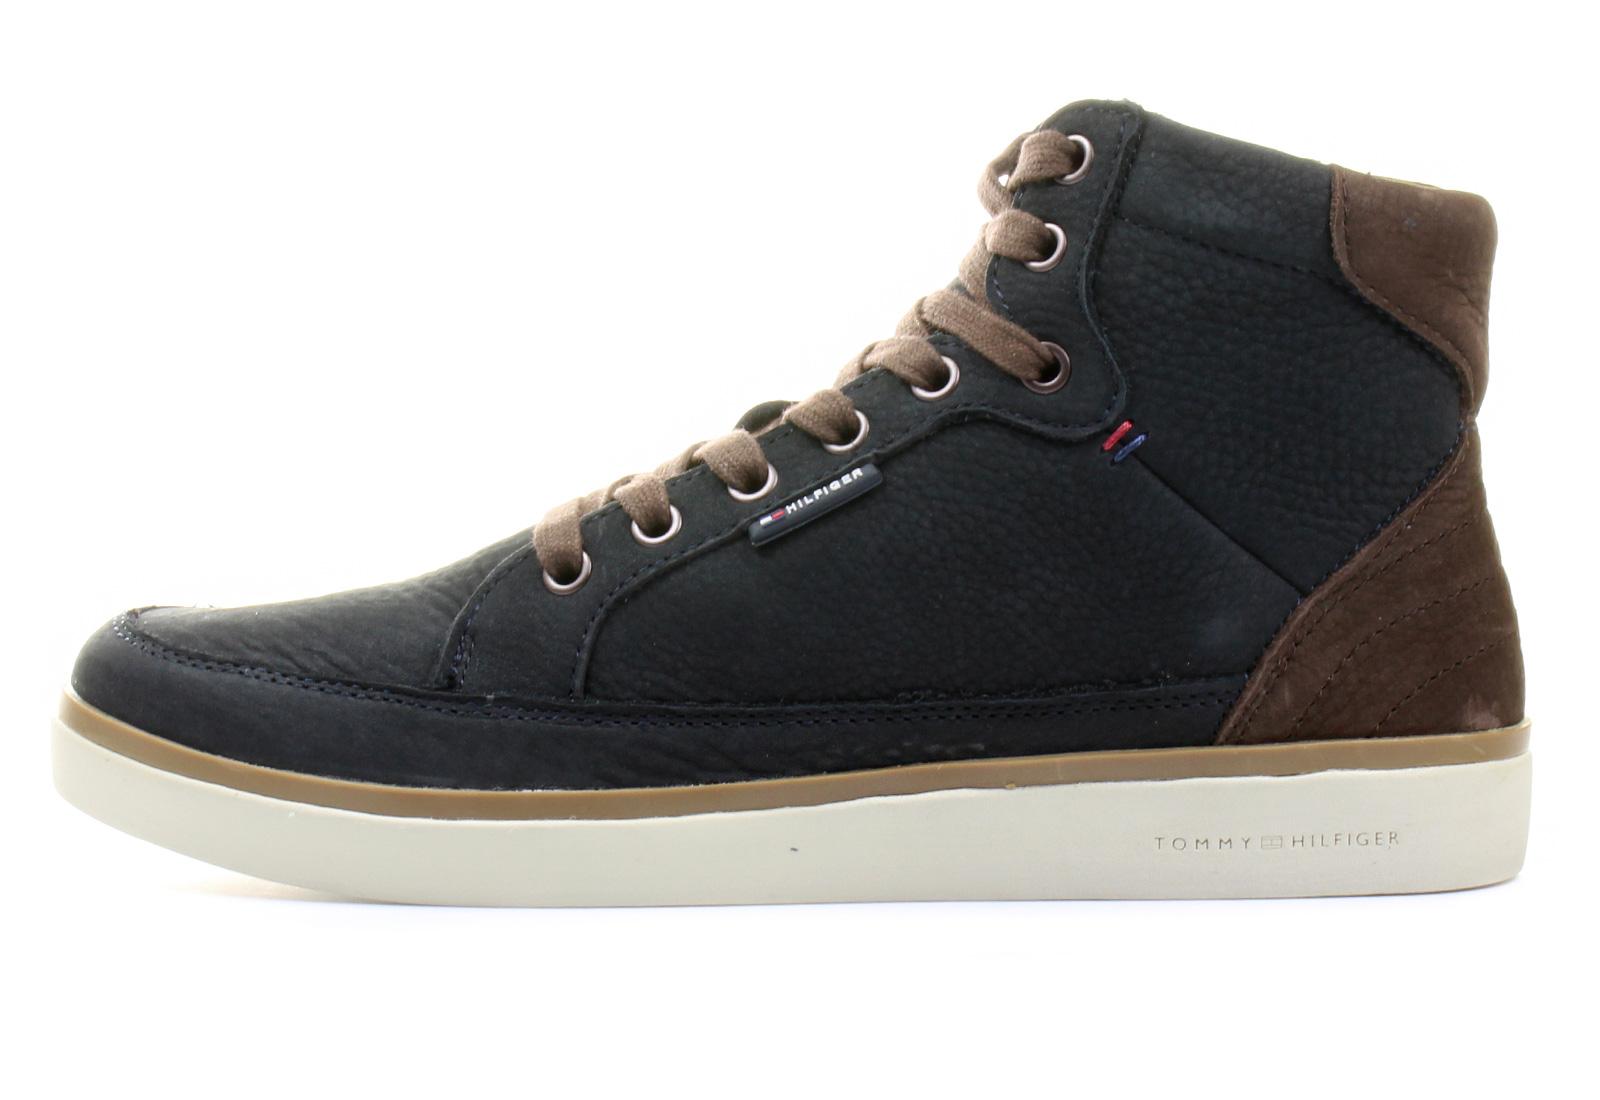 tommy hilfiger shoes crispin 16a 13f 6183 403 online shop for. Black Bedroom Furniture Sets. Home Design Ideas